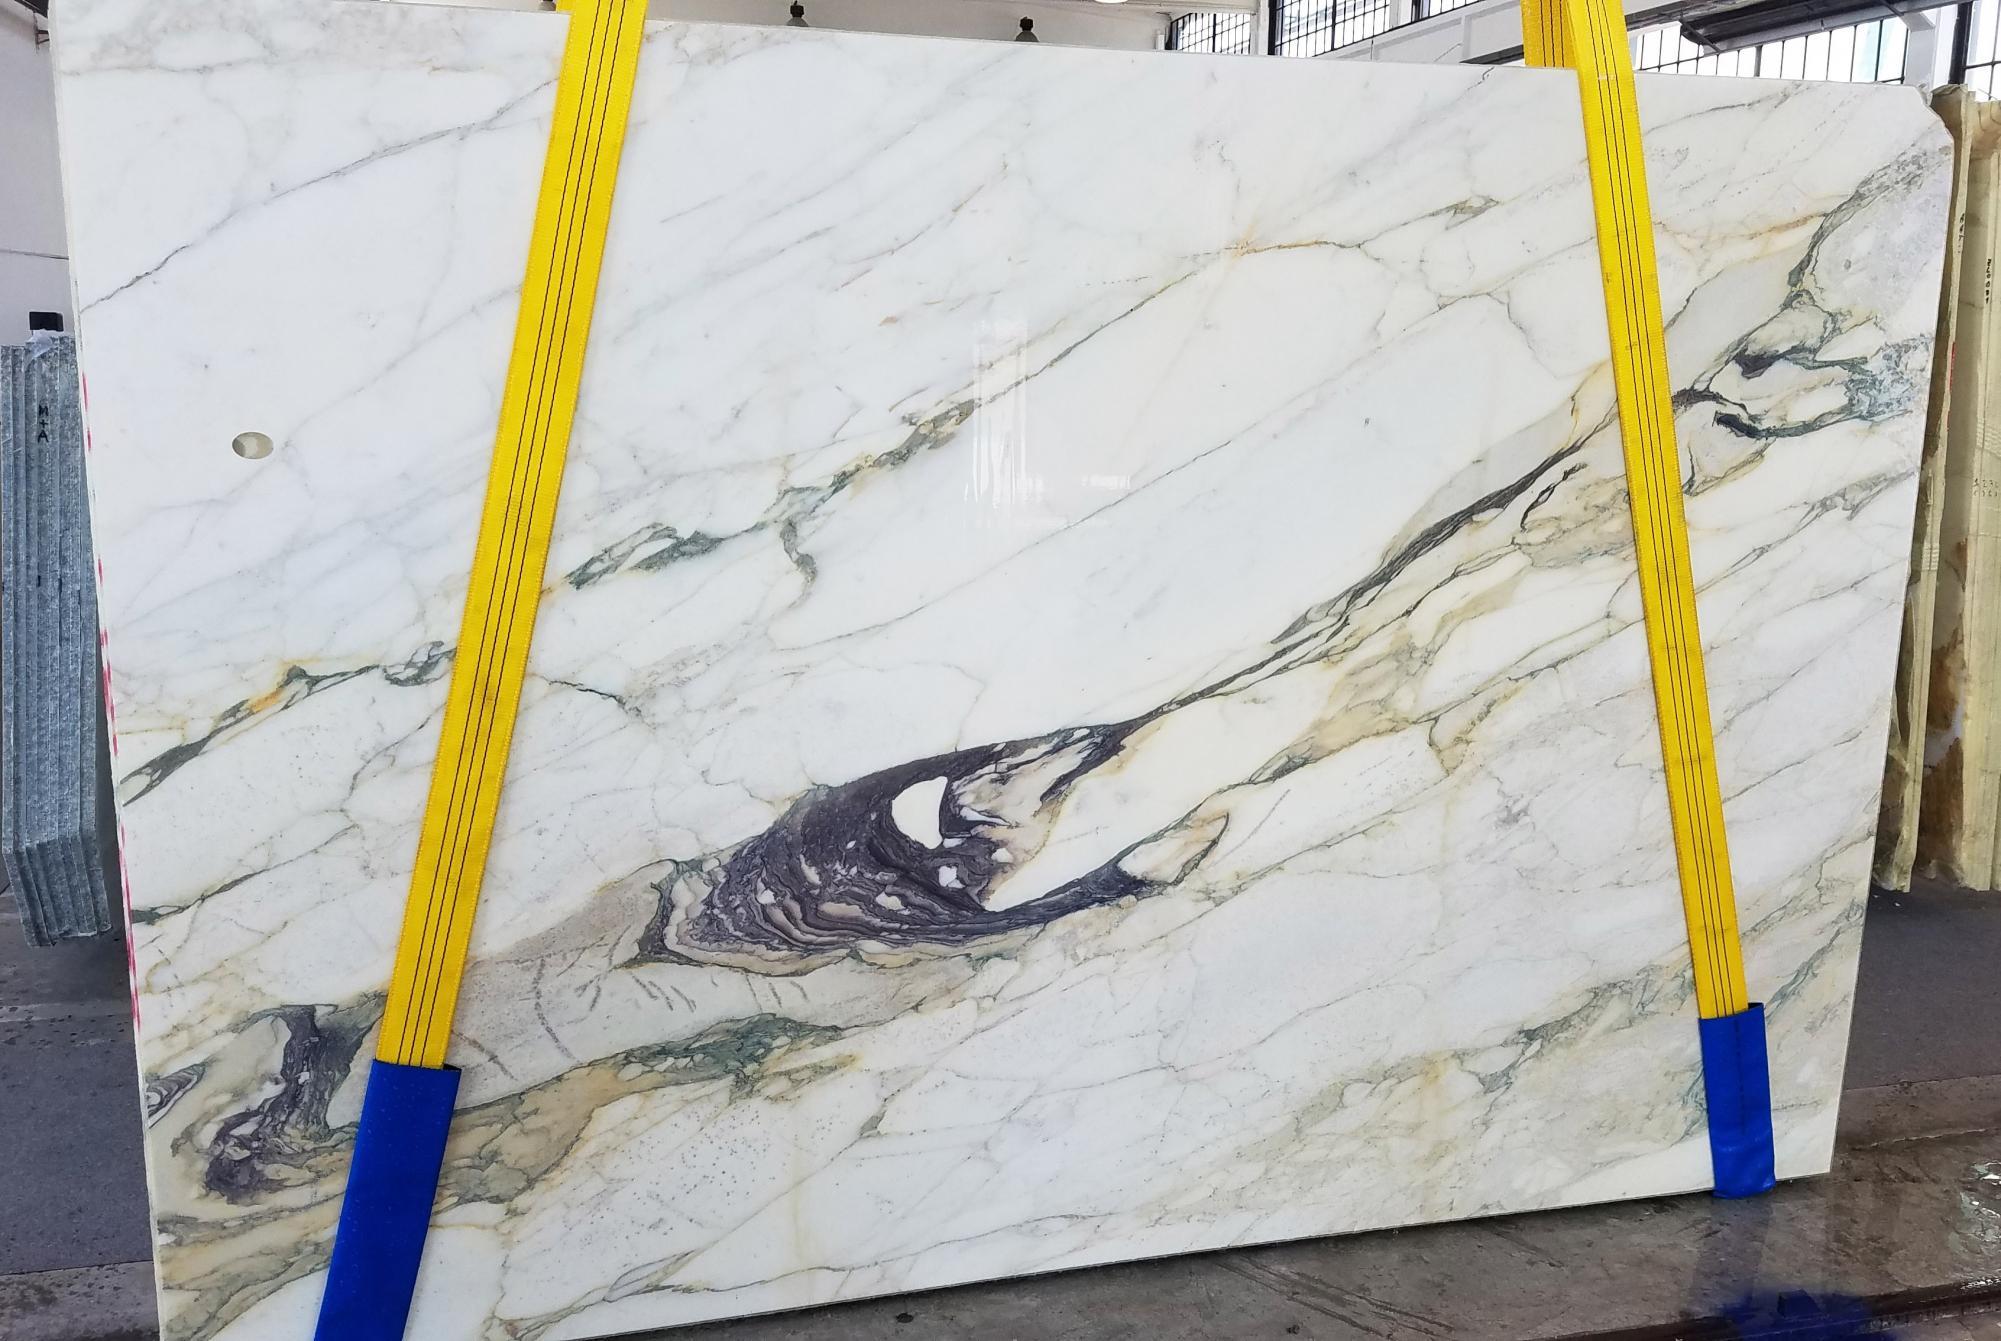 CALACATTA FIORITO Suministro Veneto (Italia) de planchas al corte en mármol natural U0433 , Slab #08